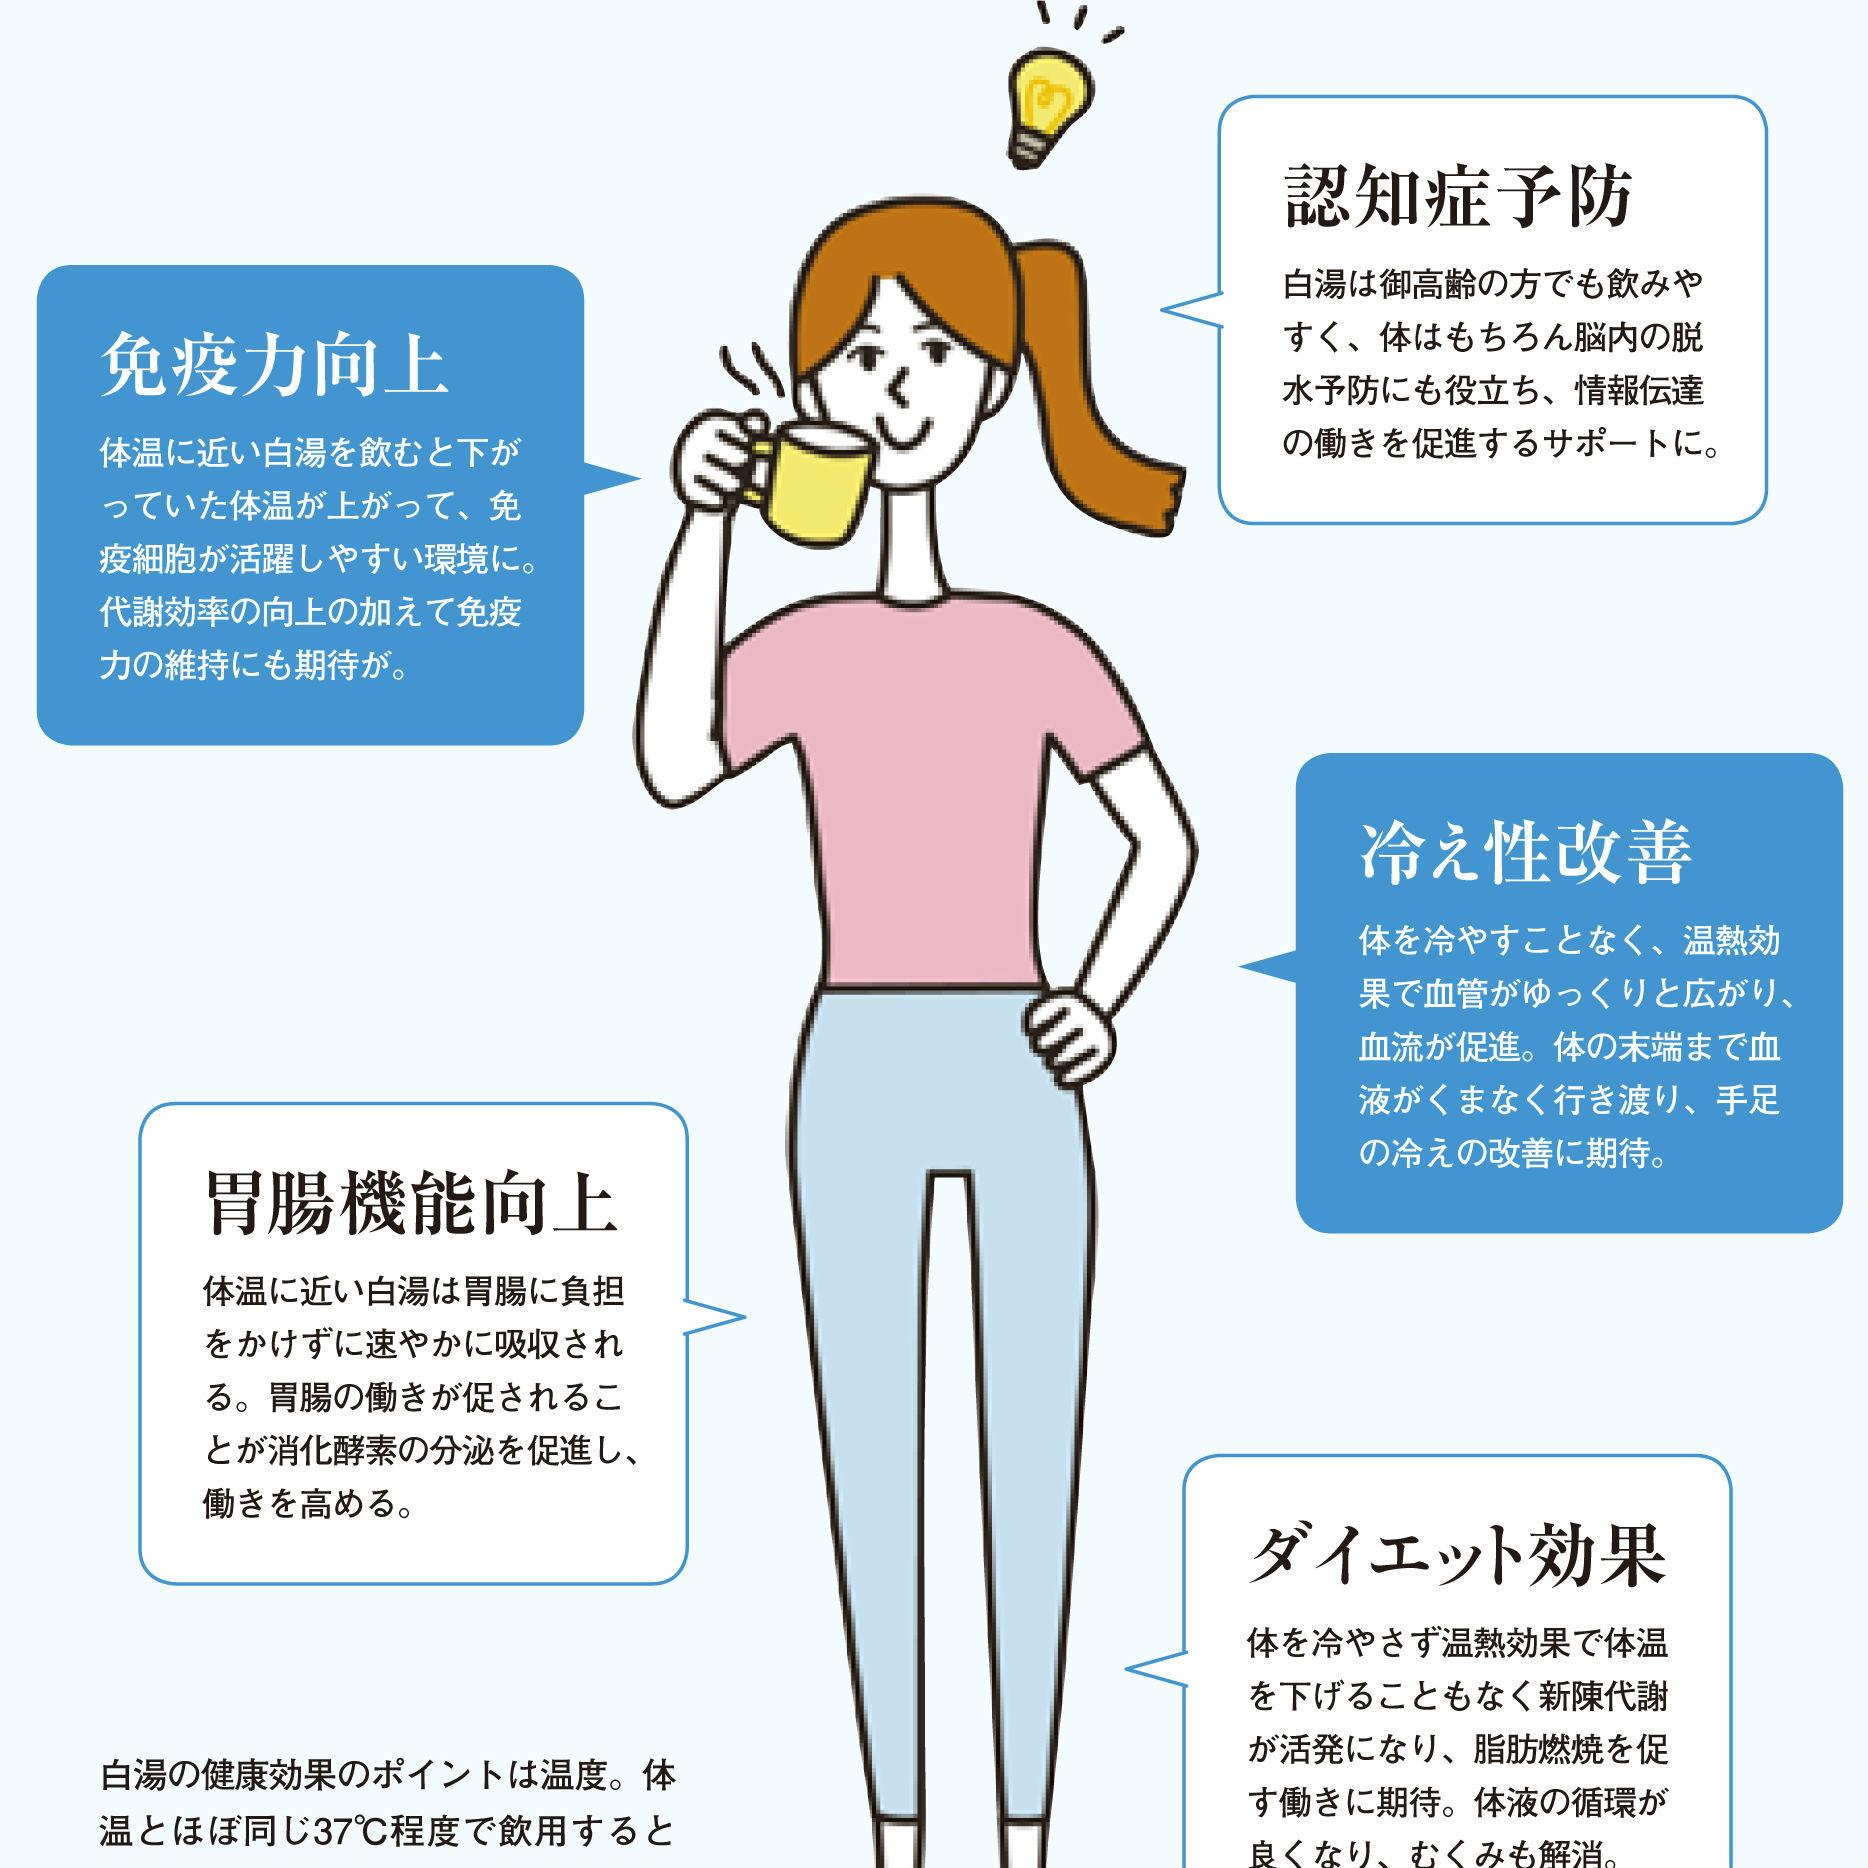 医師が提言「体調を整えるならコーヒー・お茶より白湯(さゆ)を」<br />冷え症改善、ダイエット効果も